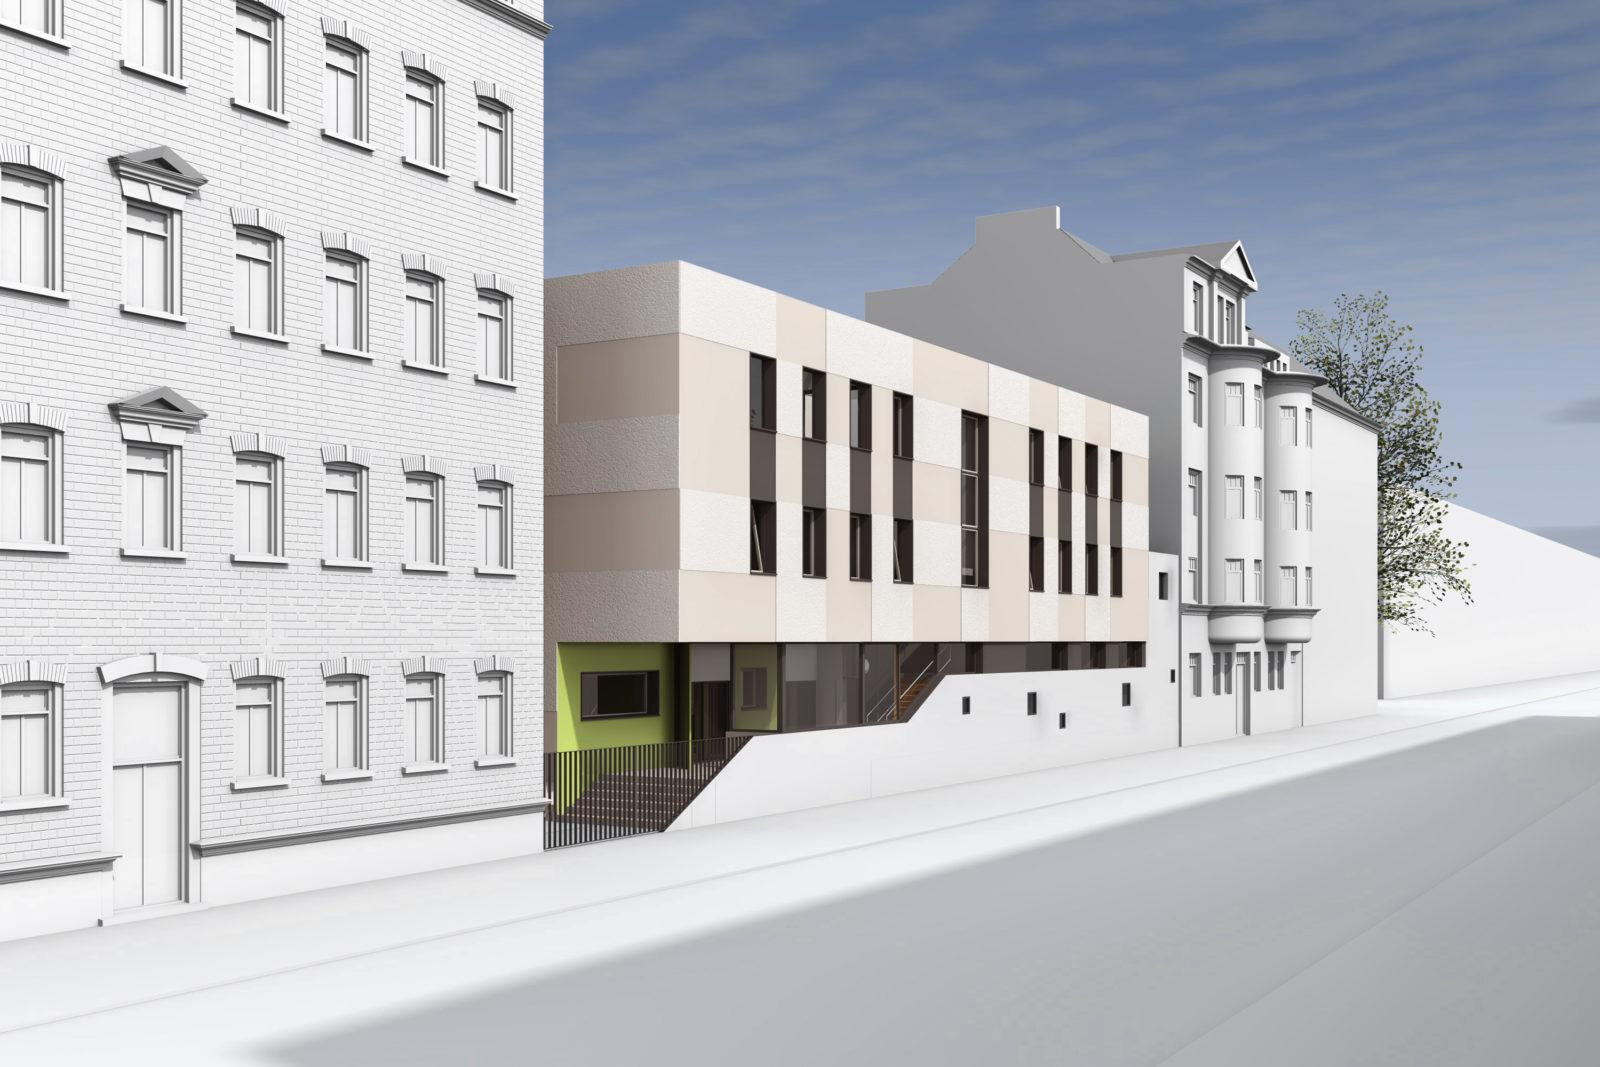 Neubau Kita Blumenstraße in Leipzig, Gohlis - Blick von der Straße